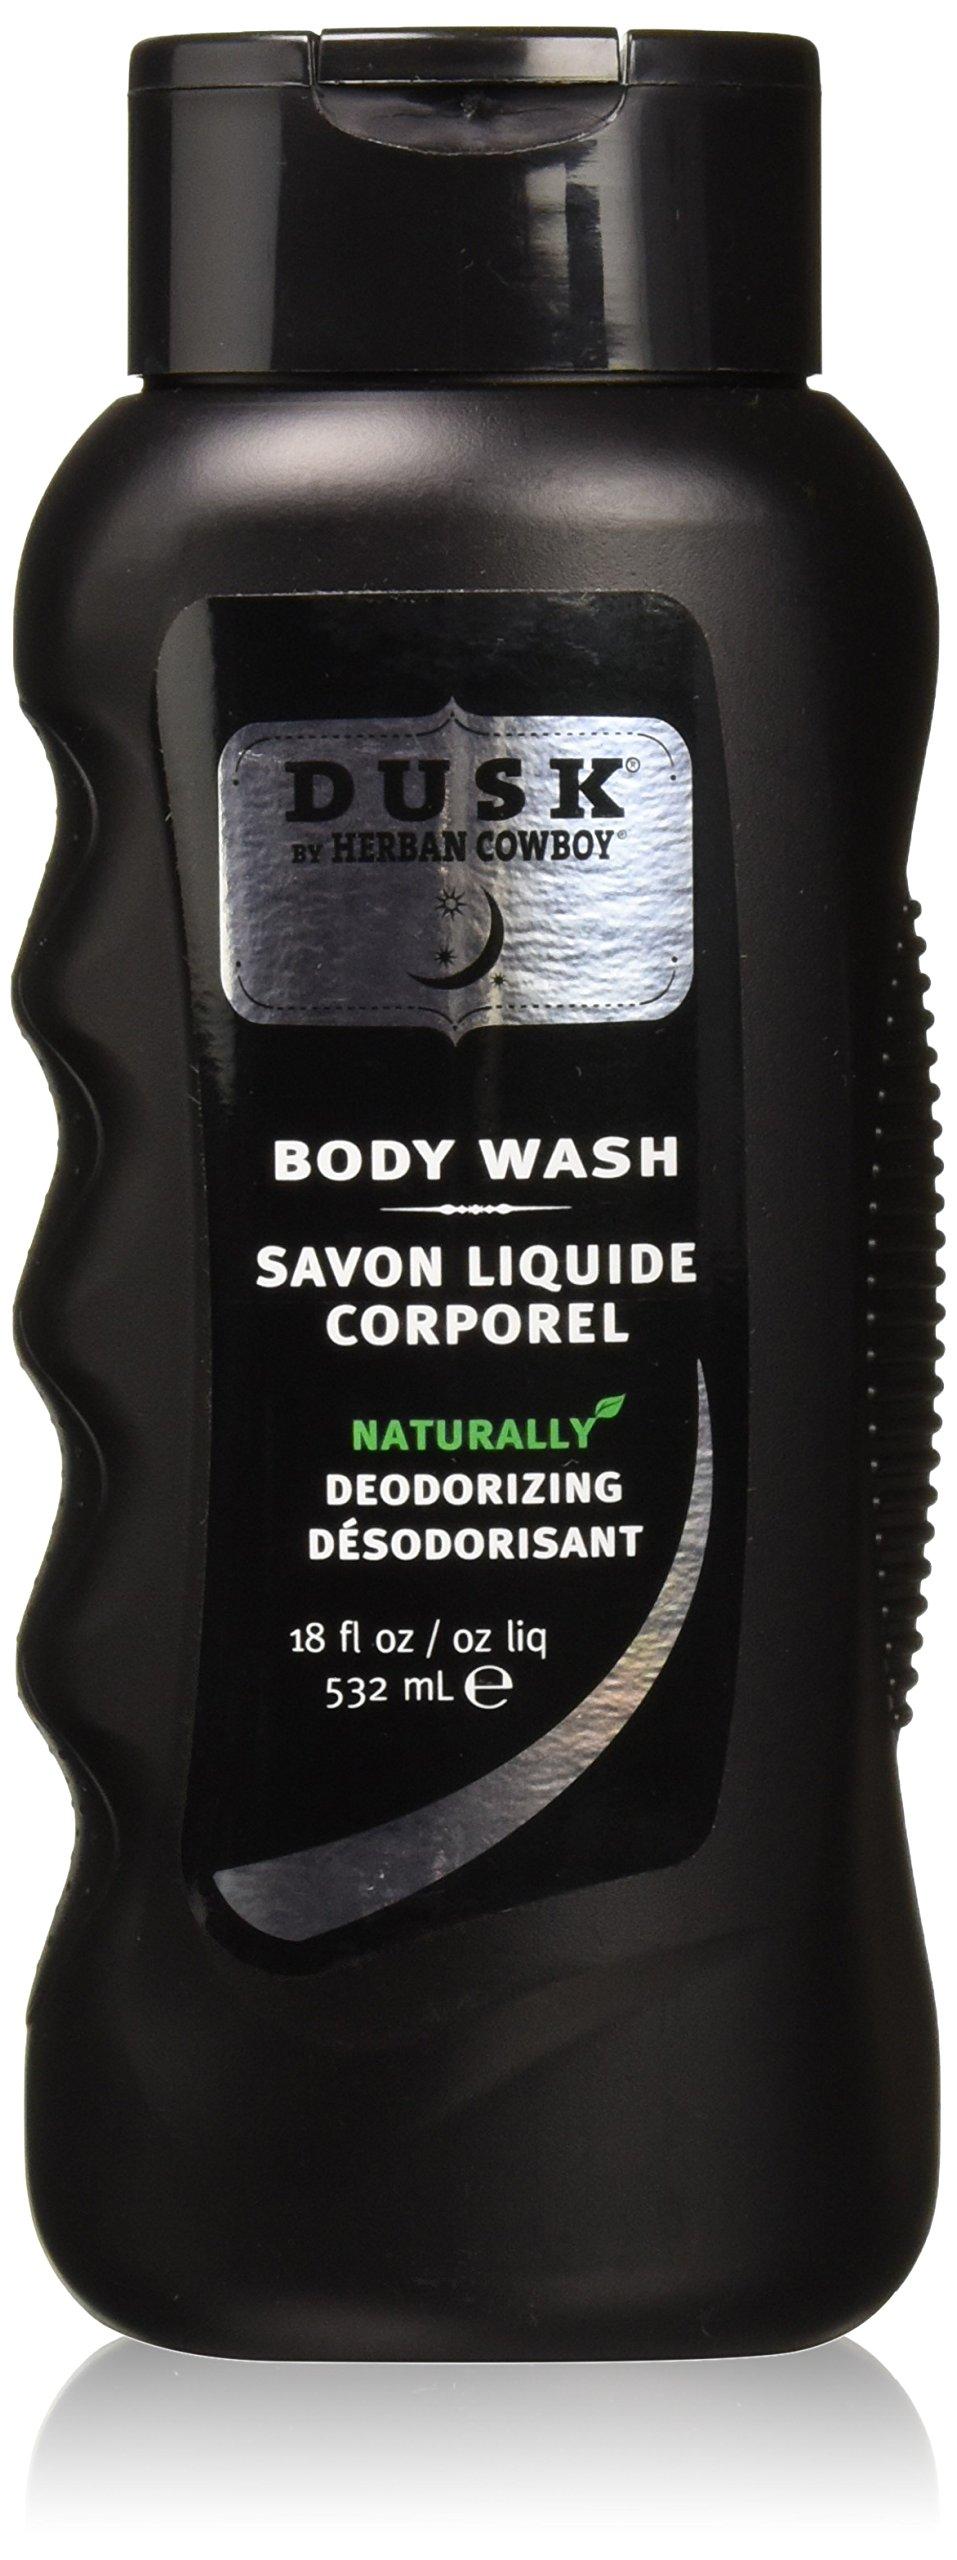 Herban Cowboy Body Wash Liquid DUSK, 18 Fl Oz